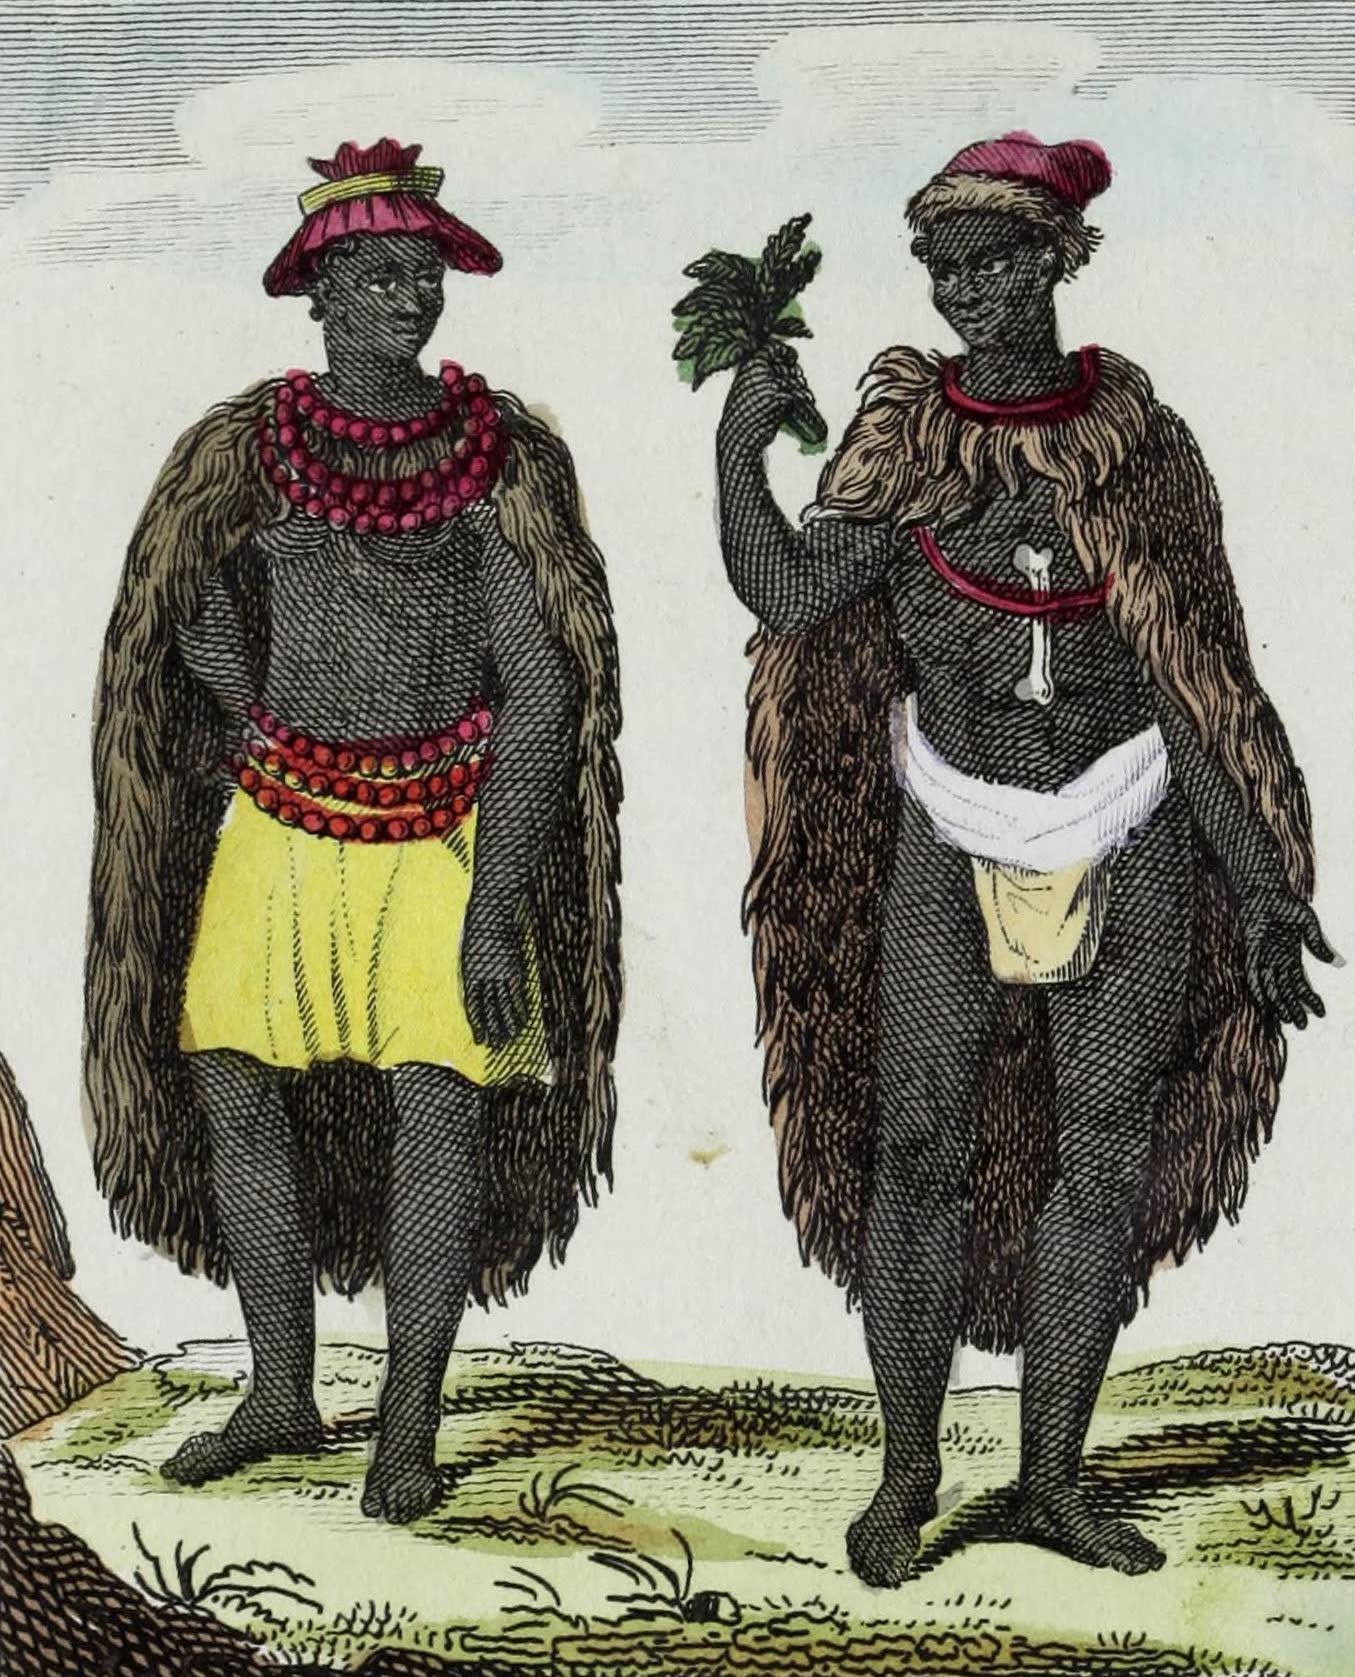 Geographie Vivante, ou, Tableaux Raisonnes - Hottentots (1821)